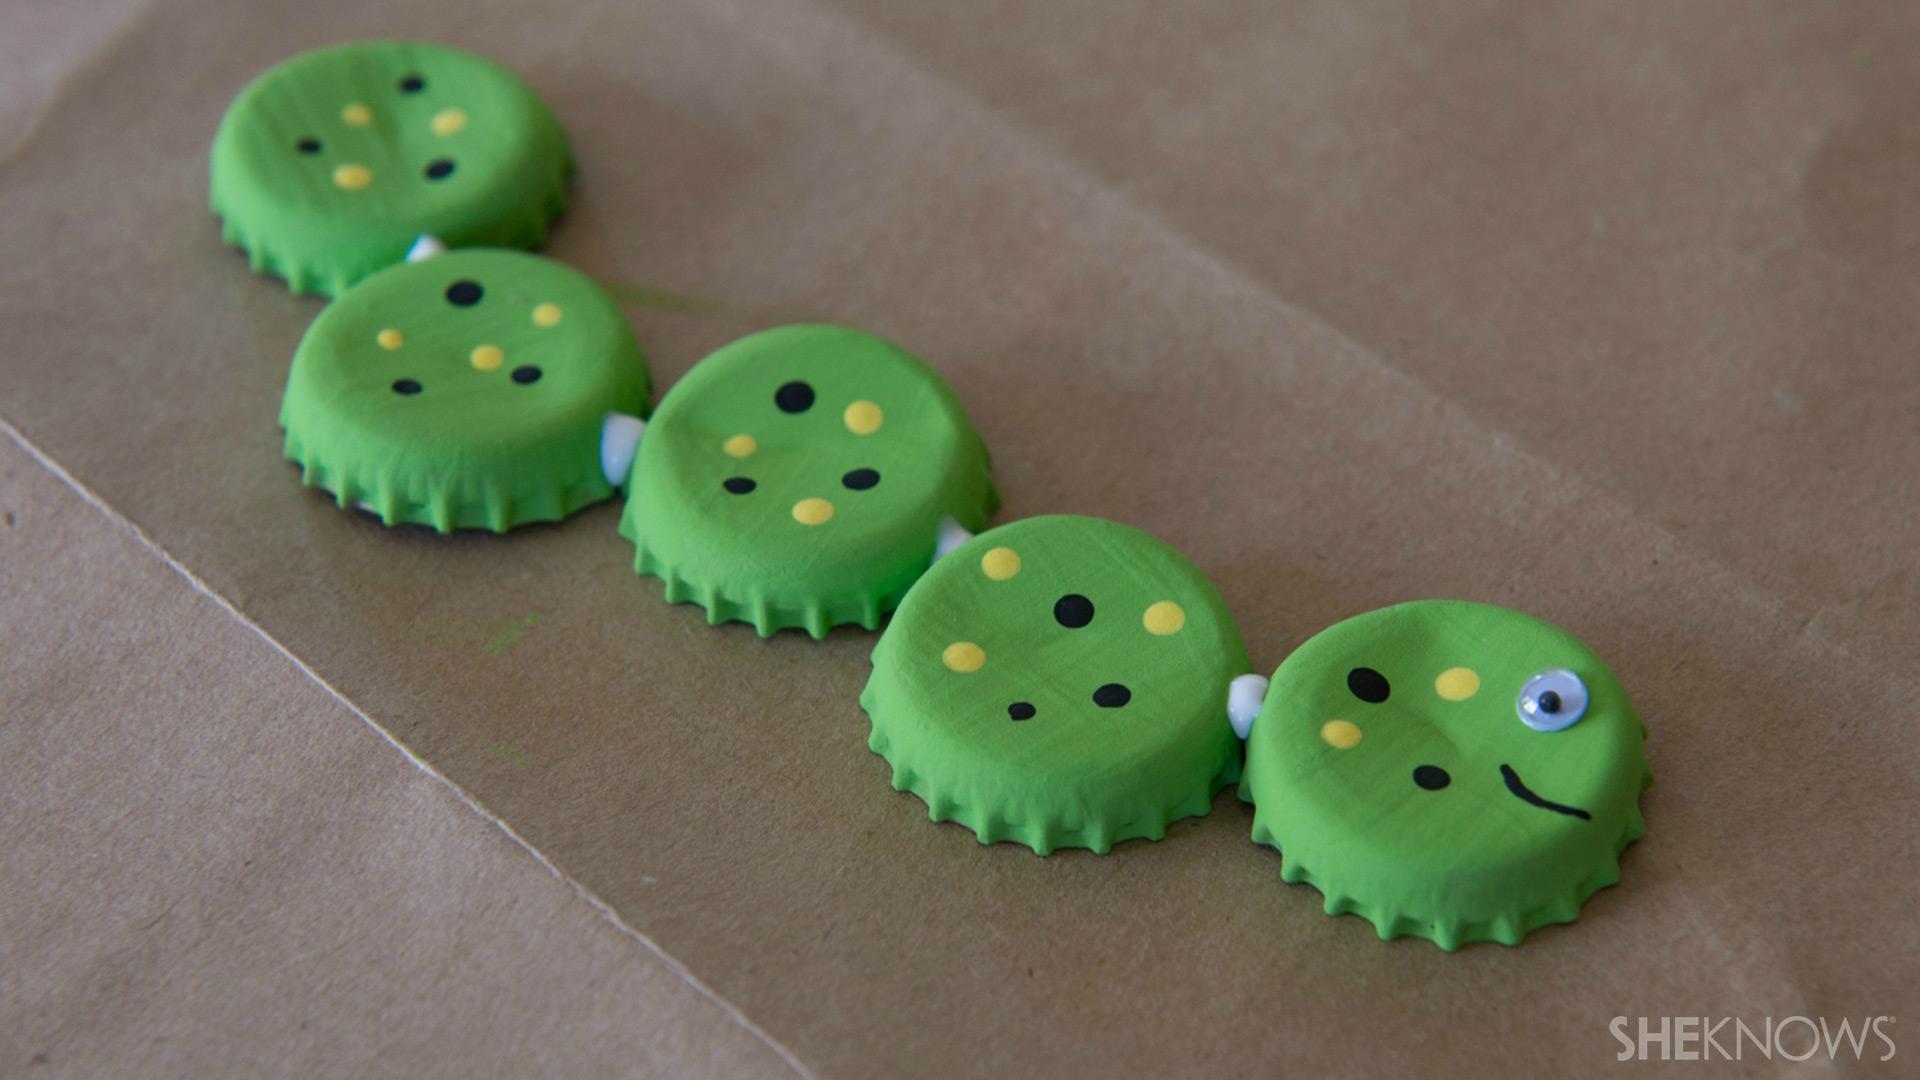 Bottle cap magnets | Sheknows.com - glue together